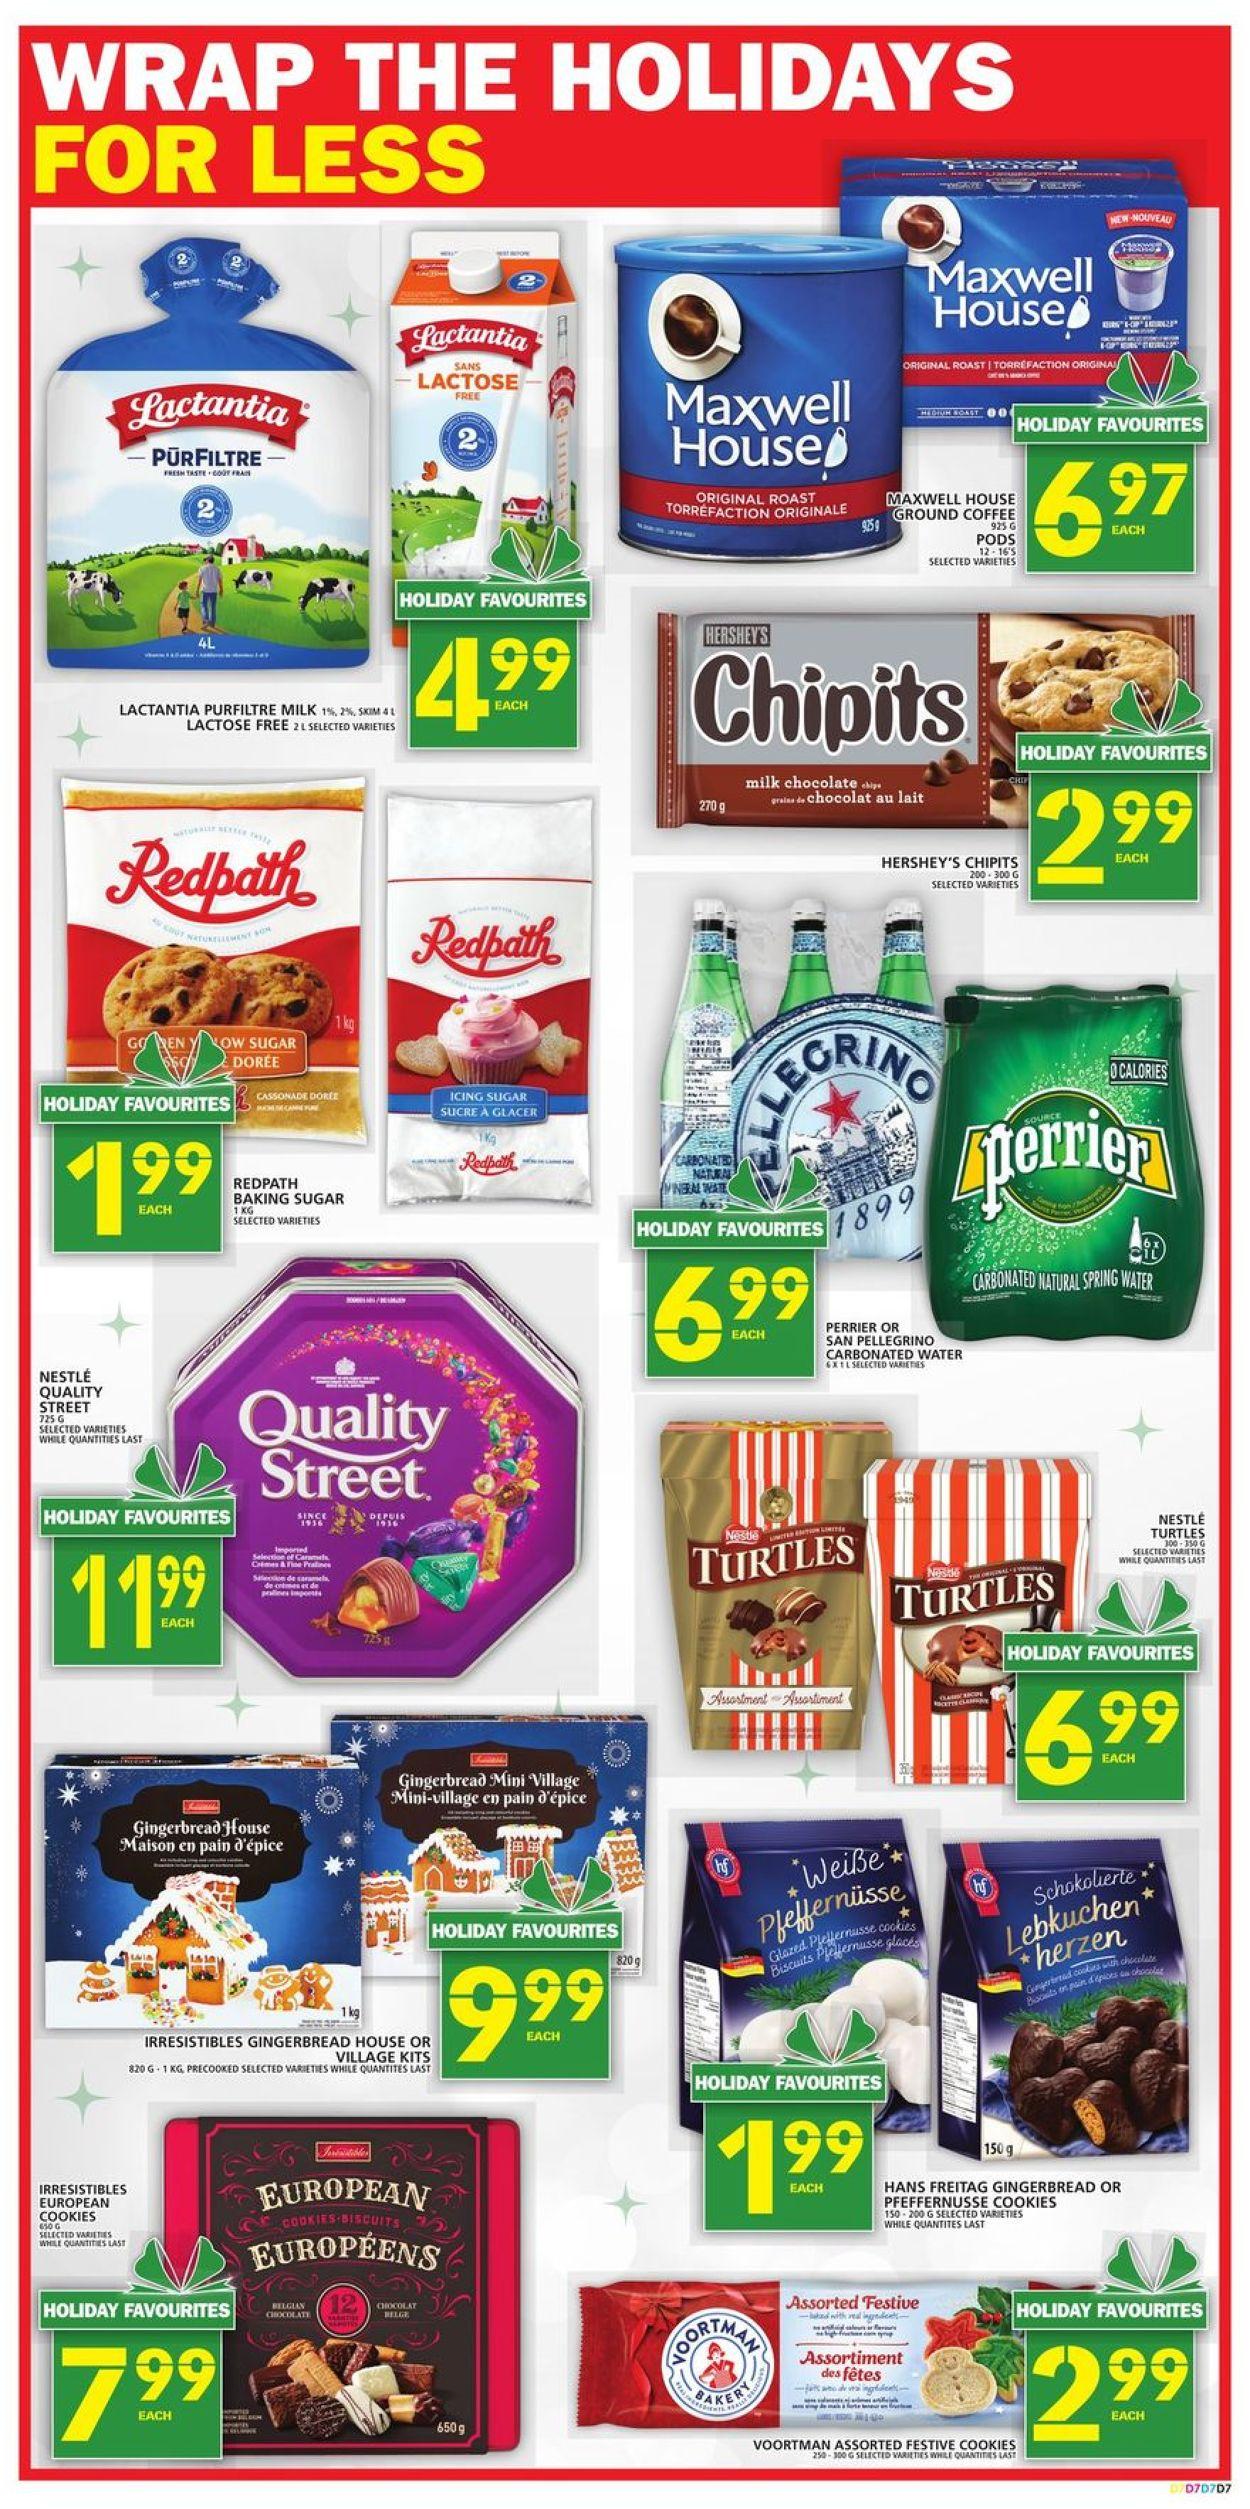 Food Basics - Christmas 2020 Flyer - 12/17-12/24/2020 (Page 8)